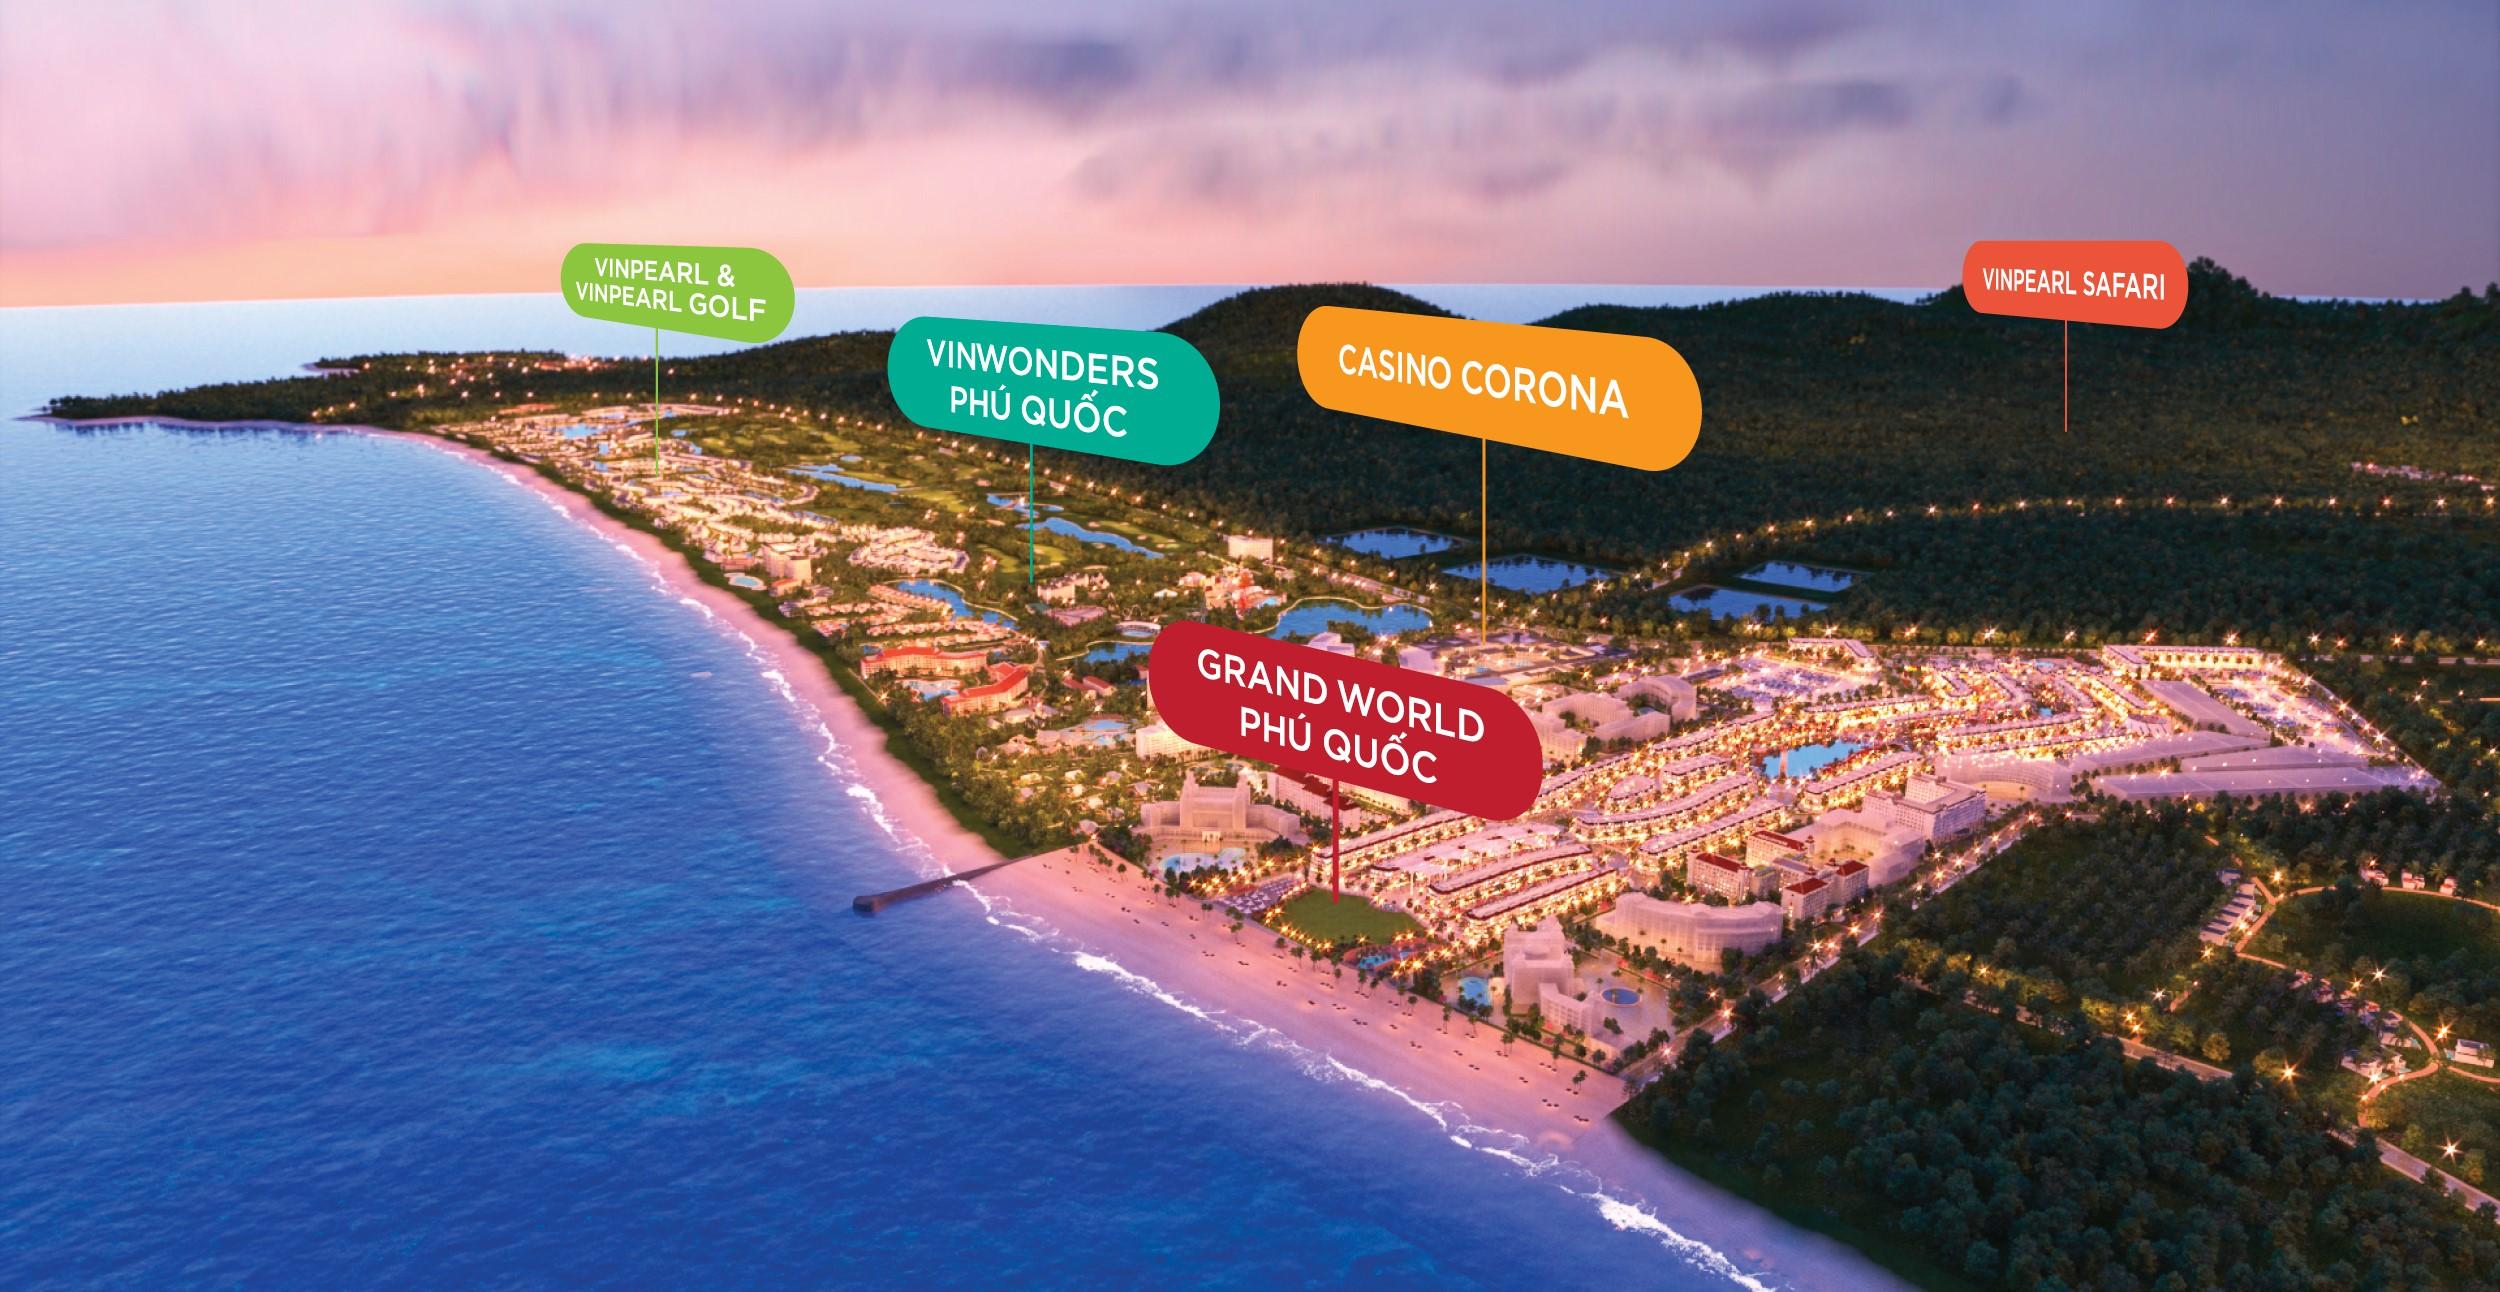 """Phú Quốc United Center: Động lực mới cho du lịch Việt """"nhảy vọt"""" ở tầm quốc tế - Ảnh 2"""